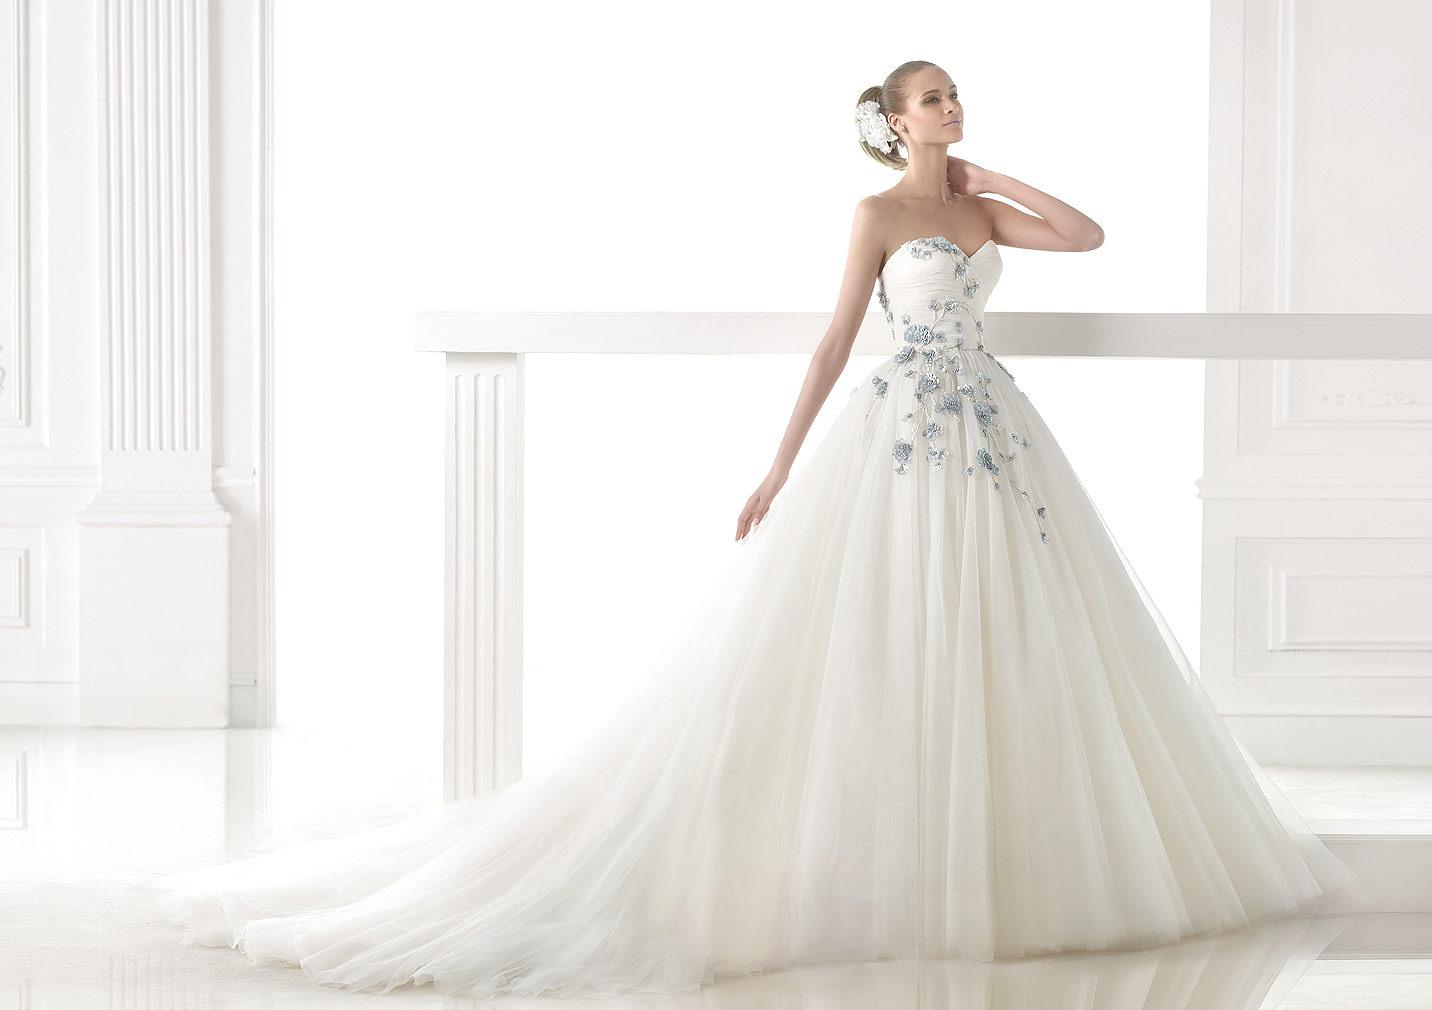 Pronovias combina el vestido blanco con los bordados en color | Quieres conocer las tendencias en vestidos de novias 2015?